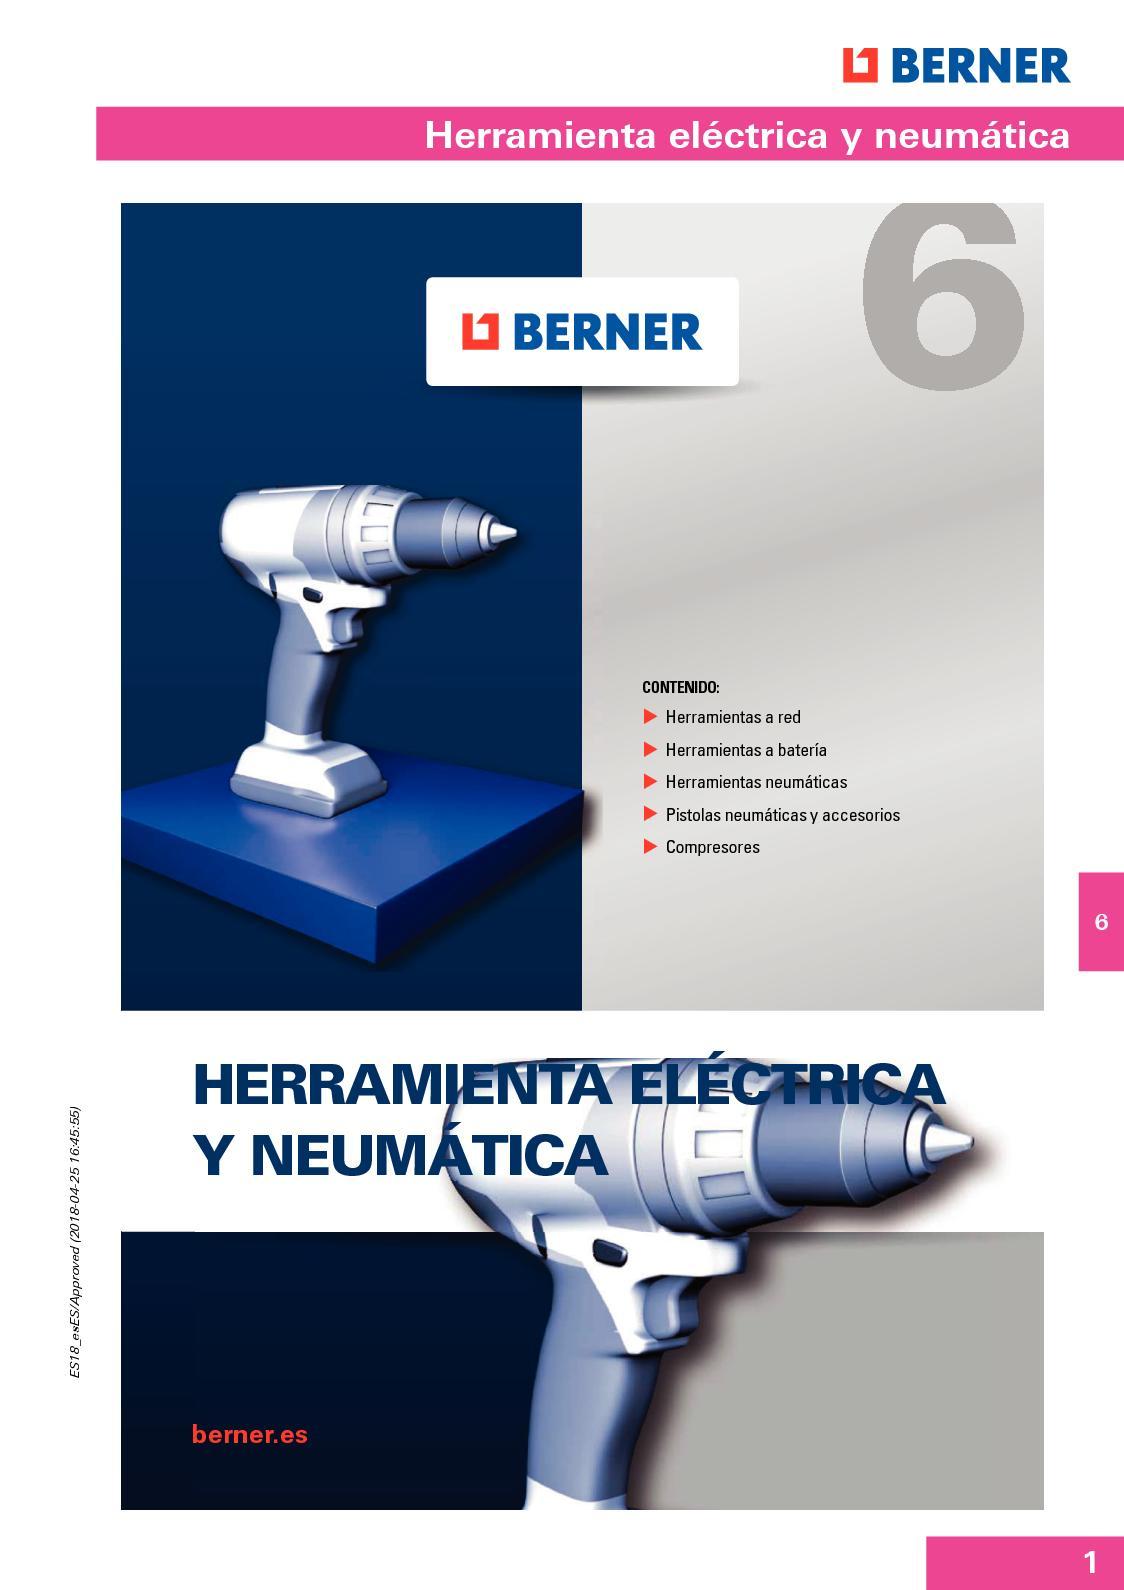 Calaméo - Catálogo Herramientas Berner 1ce956ce4139